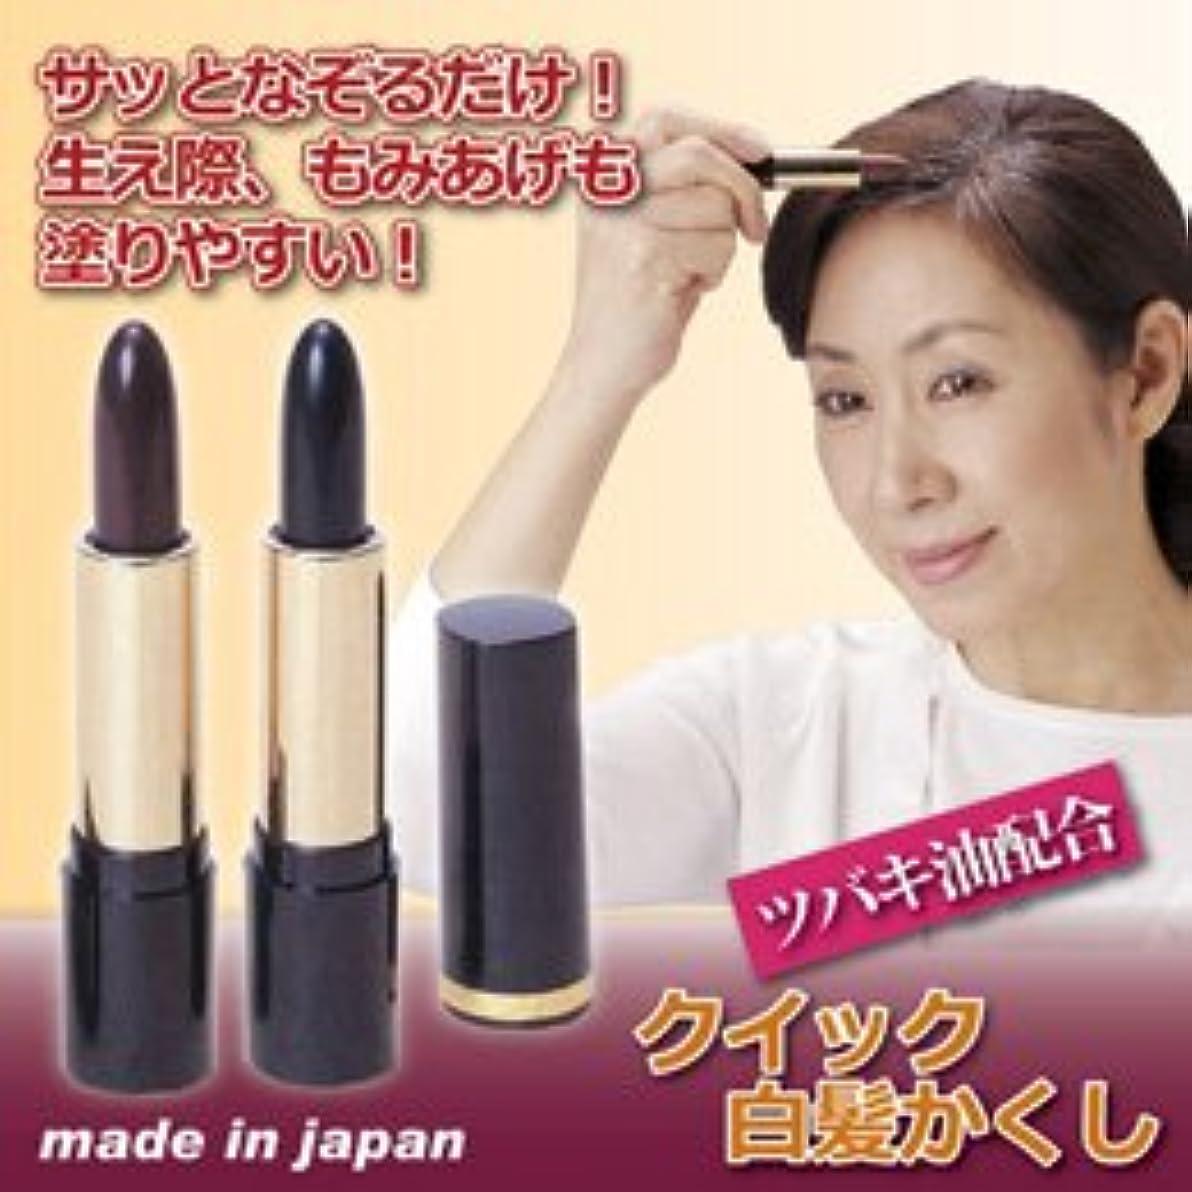 受付ボイラー喉が渇いた大阪化粧品 クイック白髪かくし ブラウン 8078232